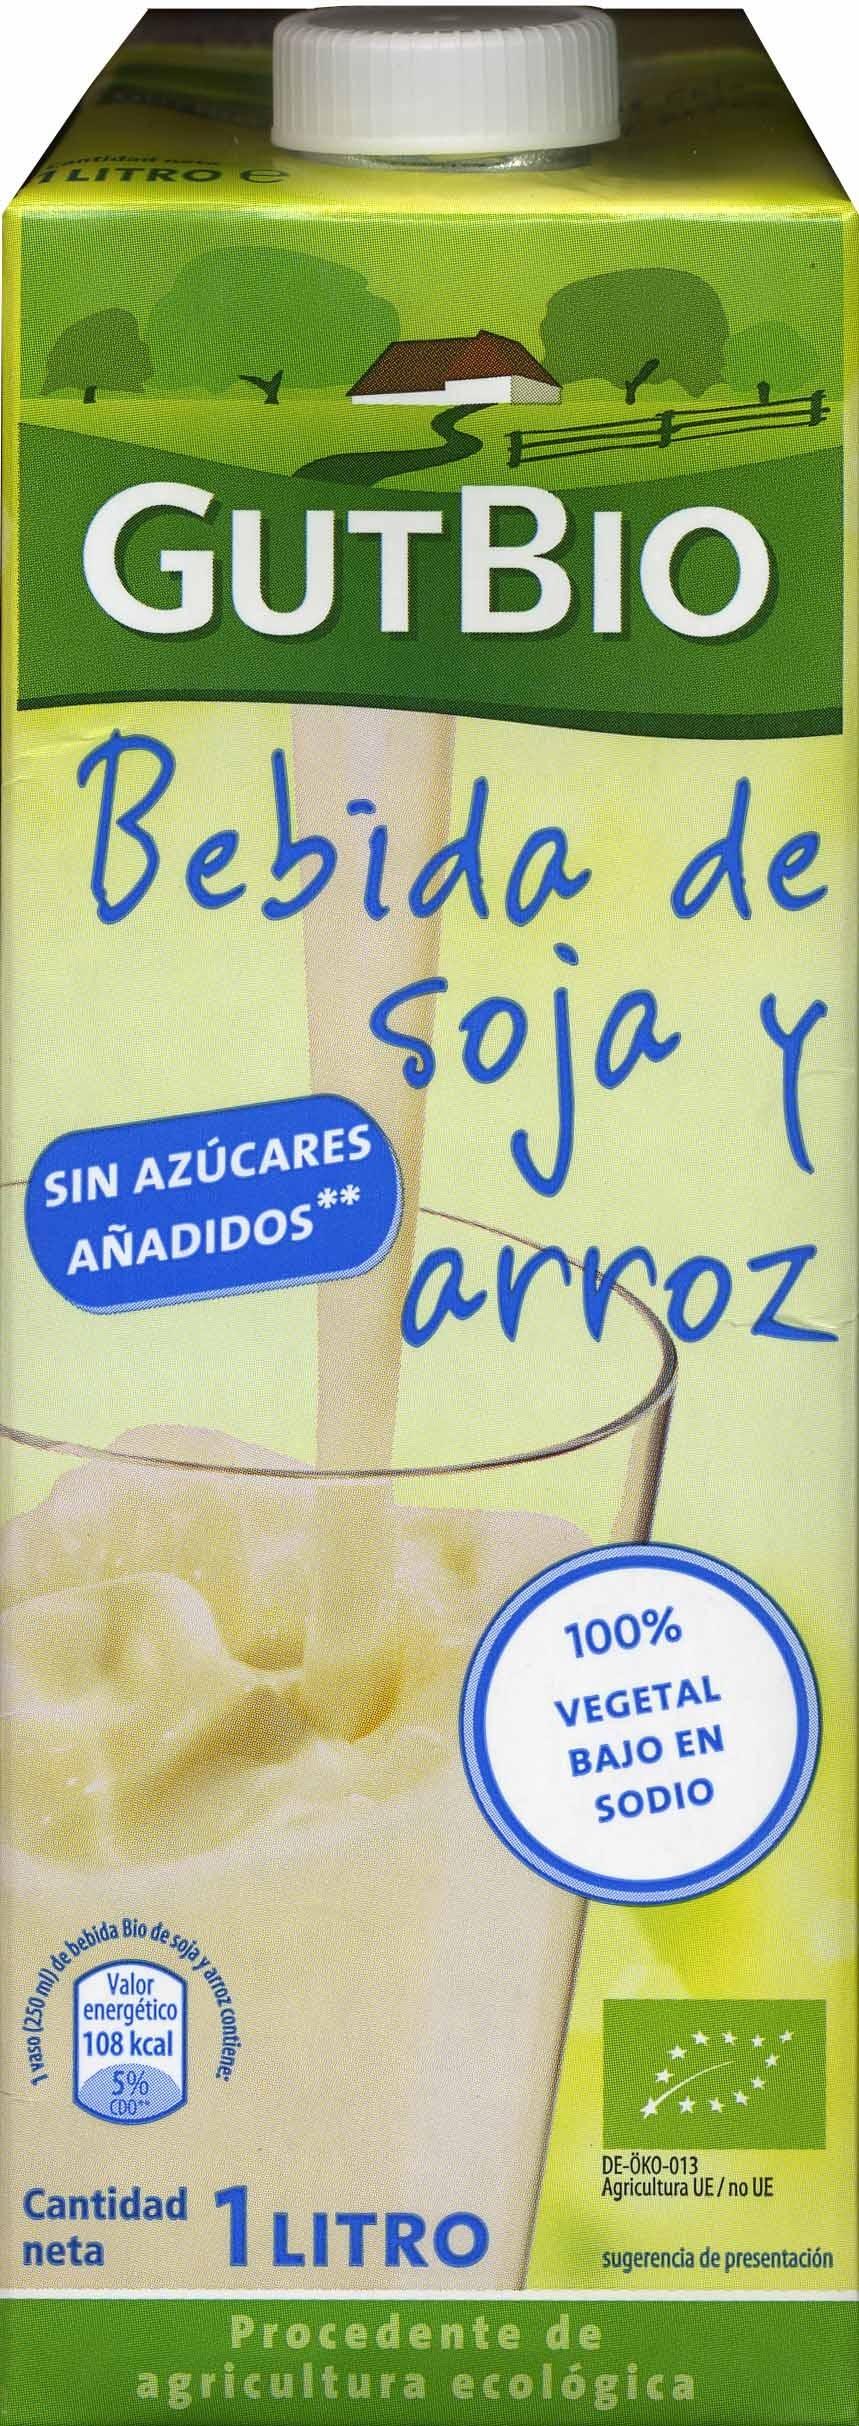 """Bebida de soja y arroz ecológica """"GutBio"""" Natural - Producte"""